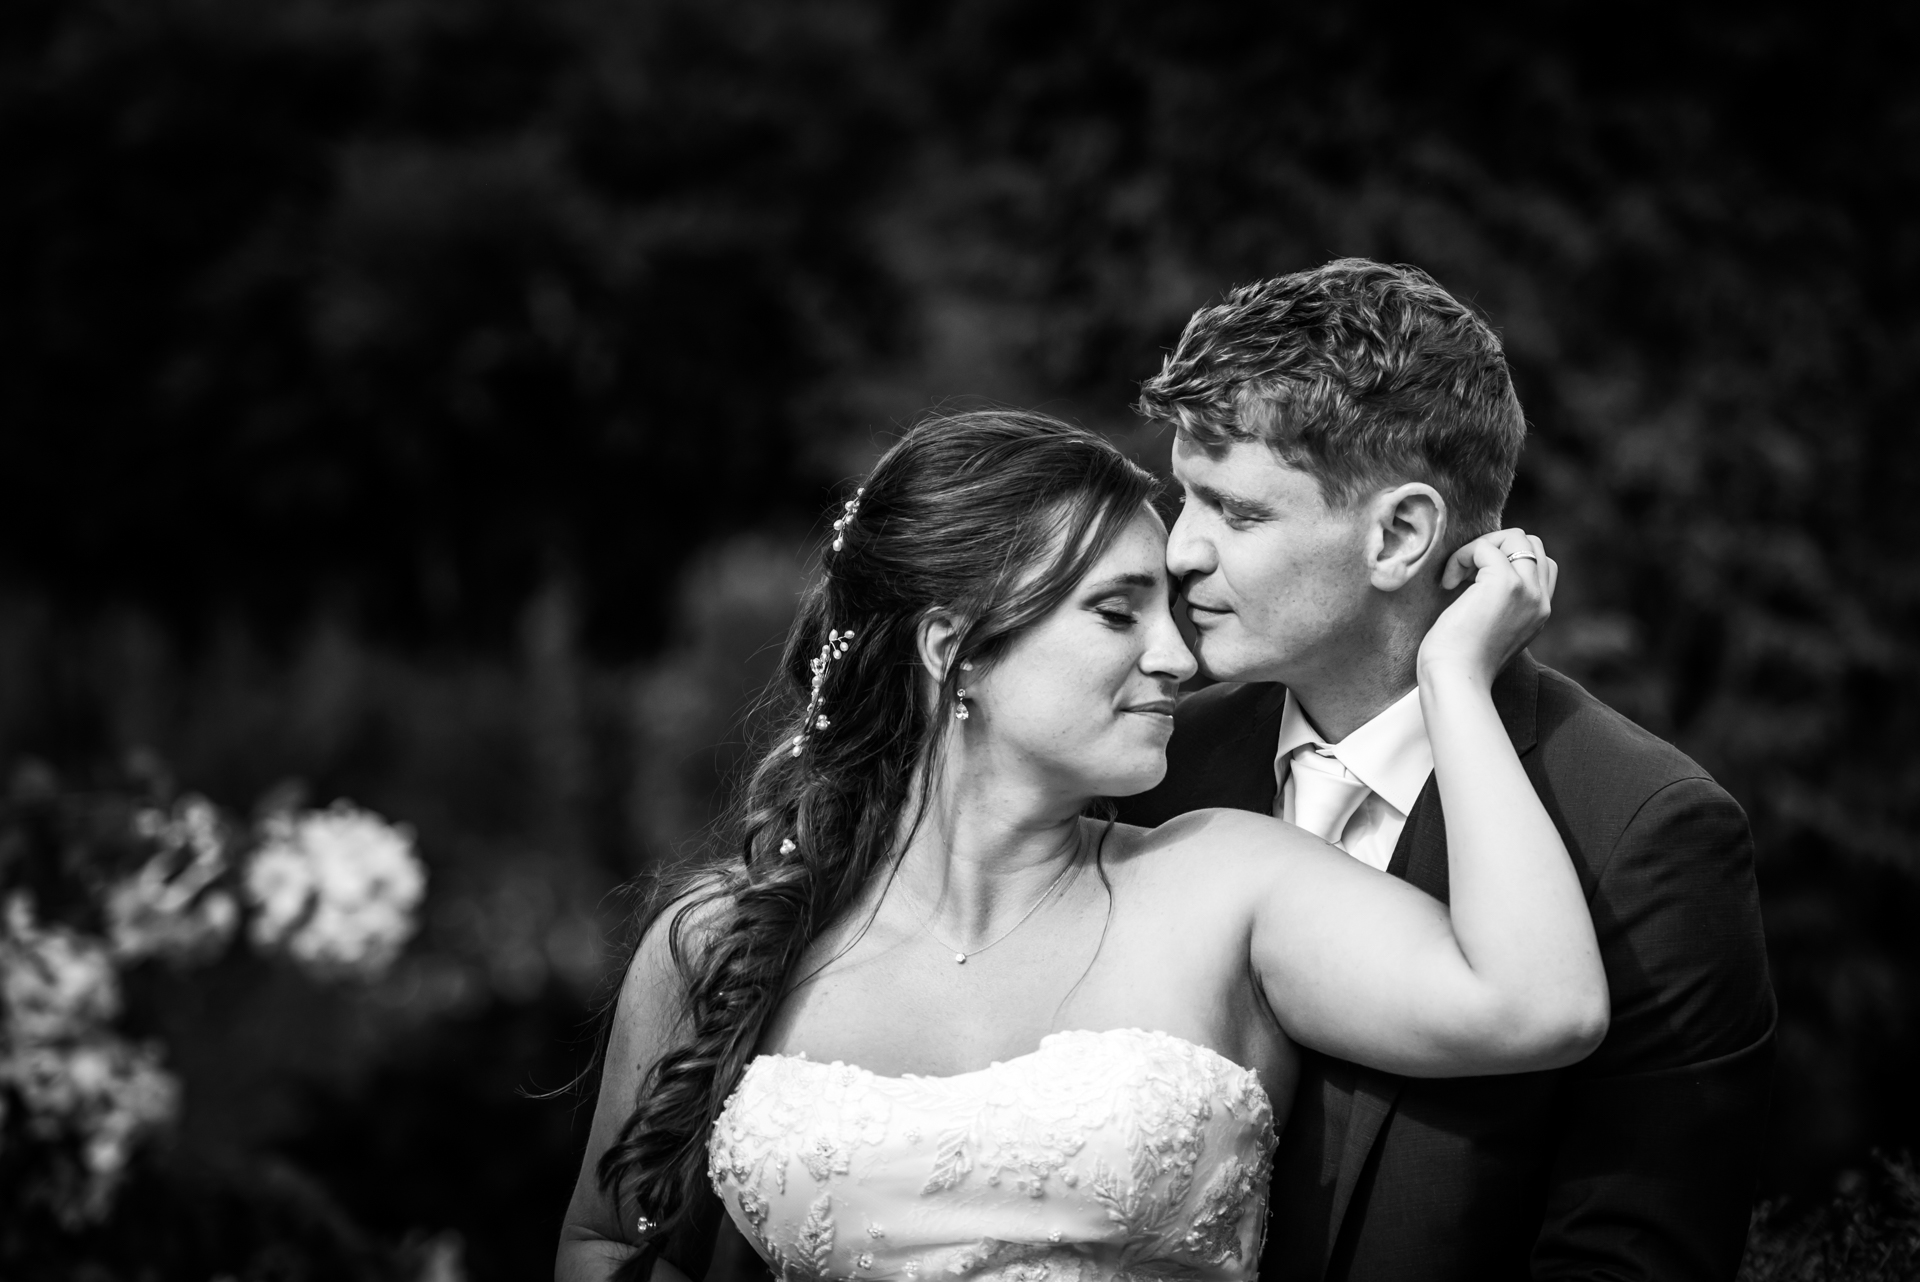 Landgoed Tielens, Hoeven, NL Elopement Portraits | Dopo che le foto di gruppo sono state scattate, c'è stato un breve minuto di intimità per gli sposi